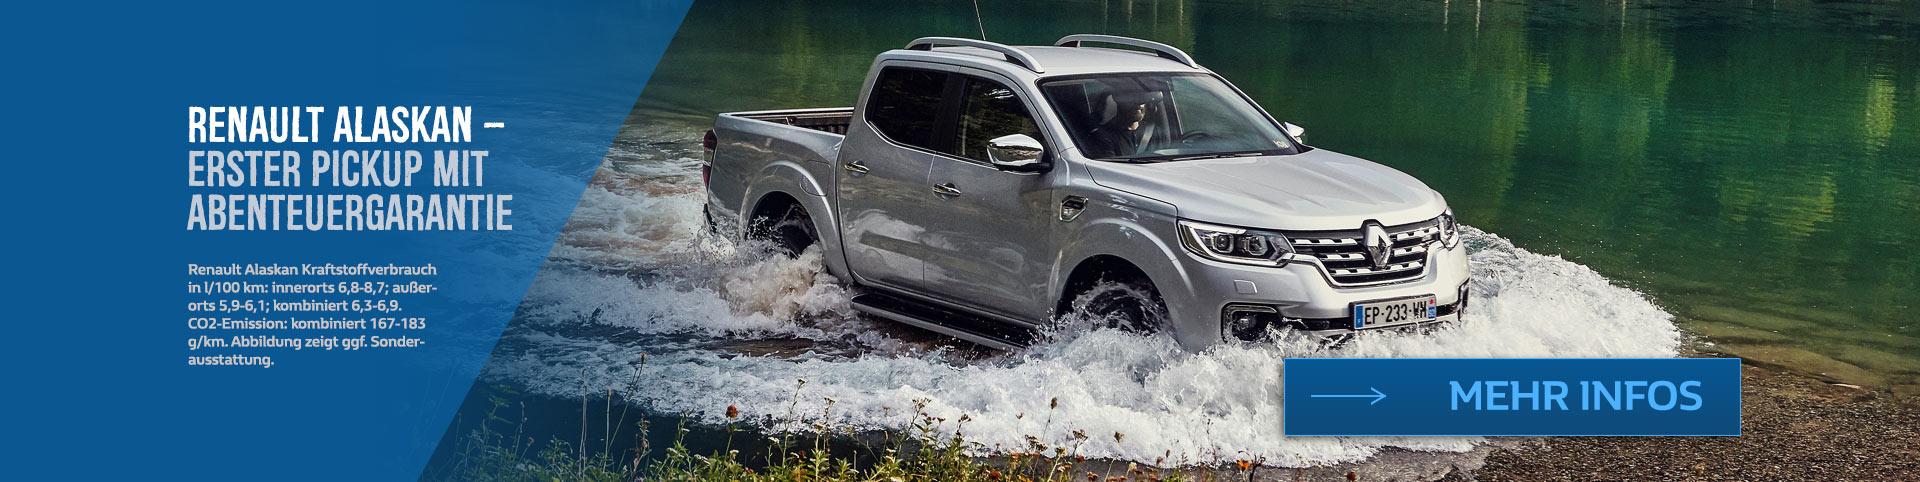 Renault Alaskan Preis 2017